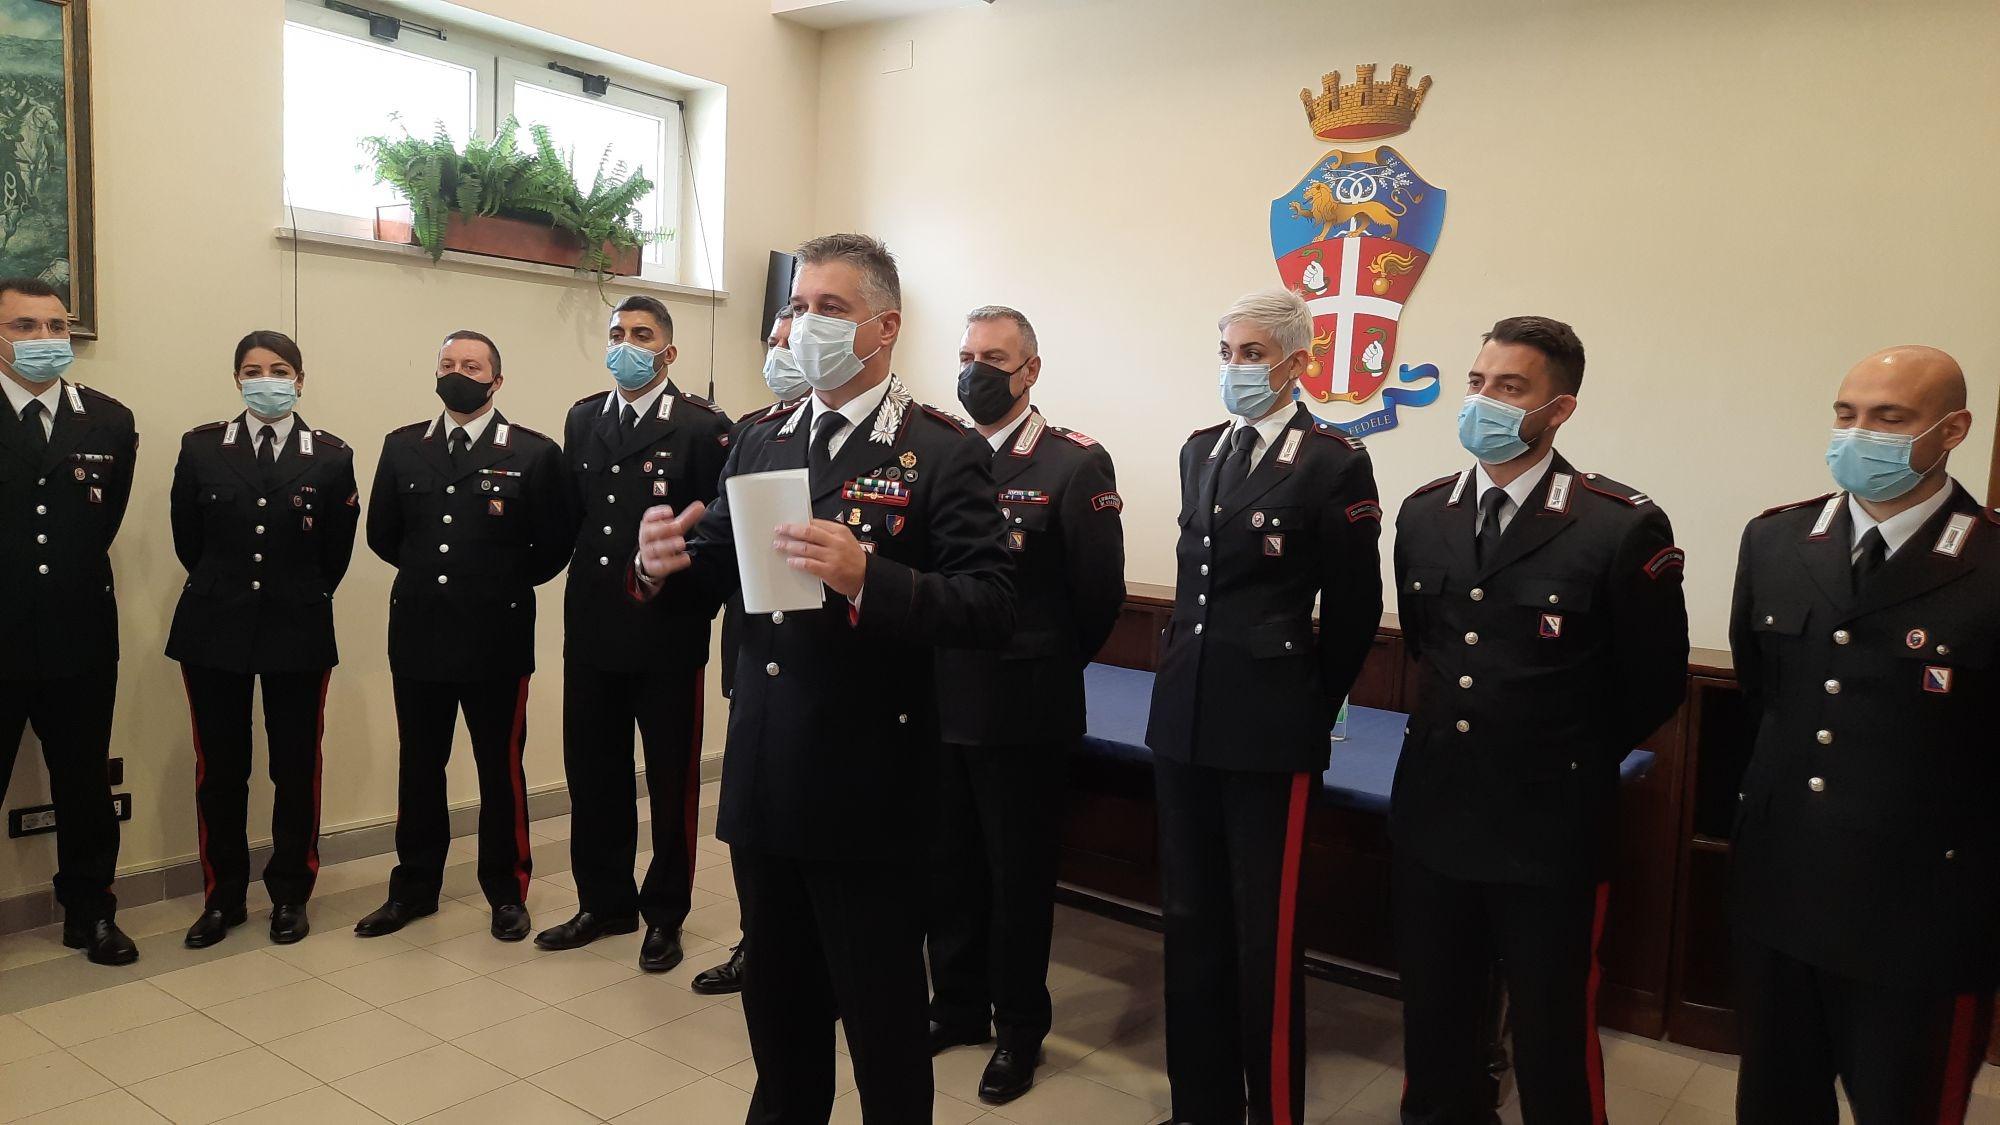 Carabinieri, ecco i 14 nuovi comandanti di stazione. Tra questi anche due donne